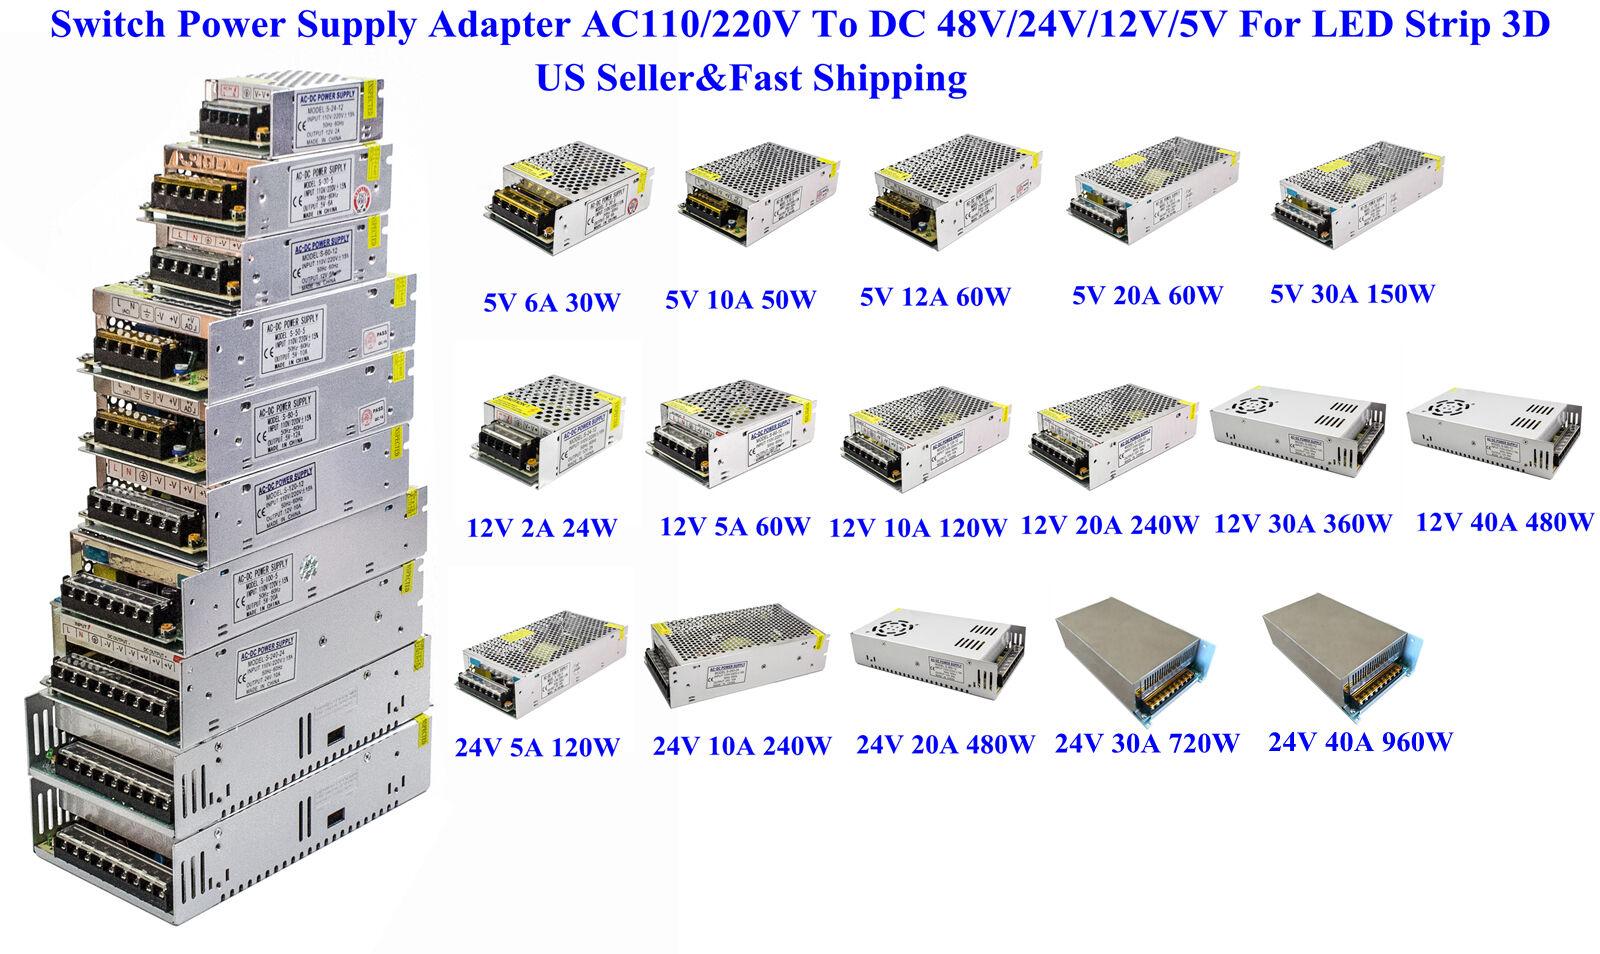 US AC110/220V To DC 48V/24V/12V/5V Switch Power Supply Adapt